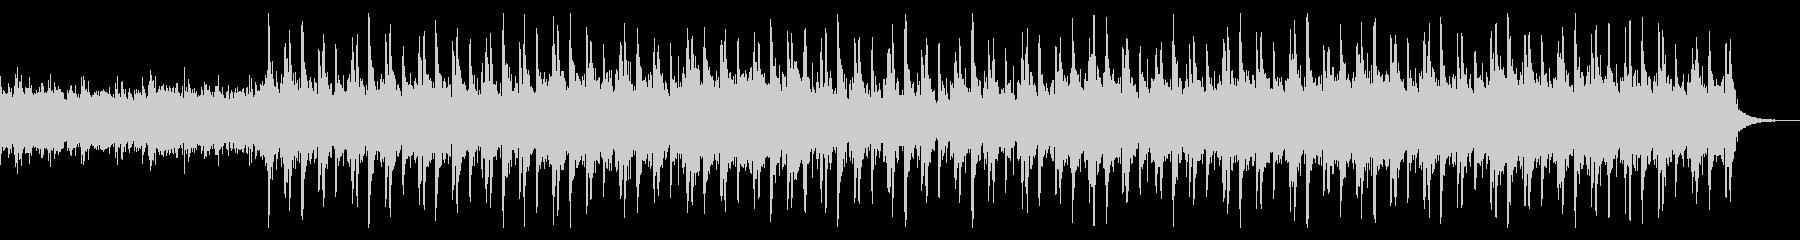 バグパイプ・ケルトEpic・勇敢な行進曲の未再生の波形